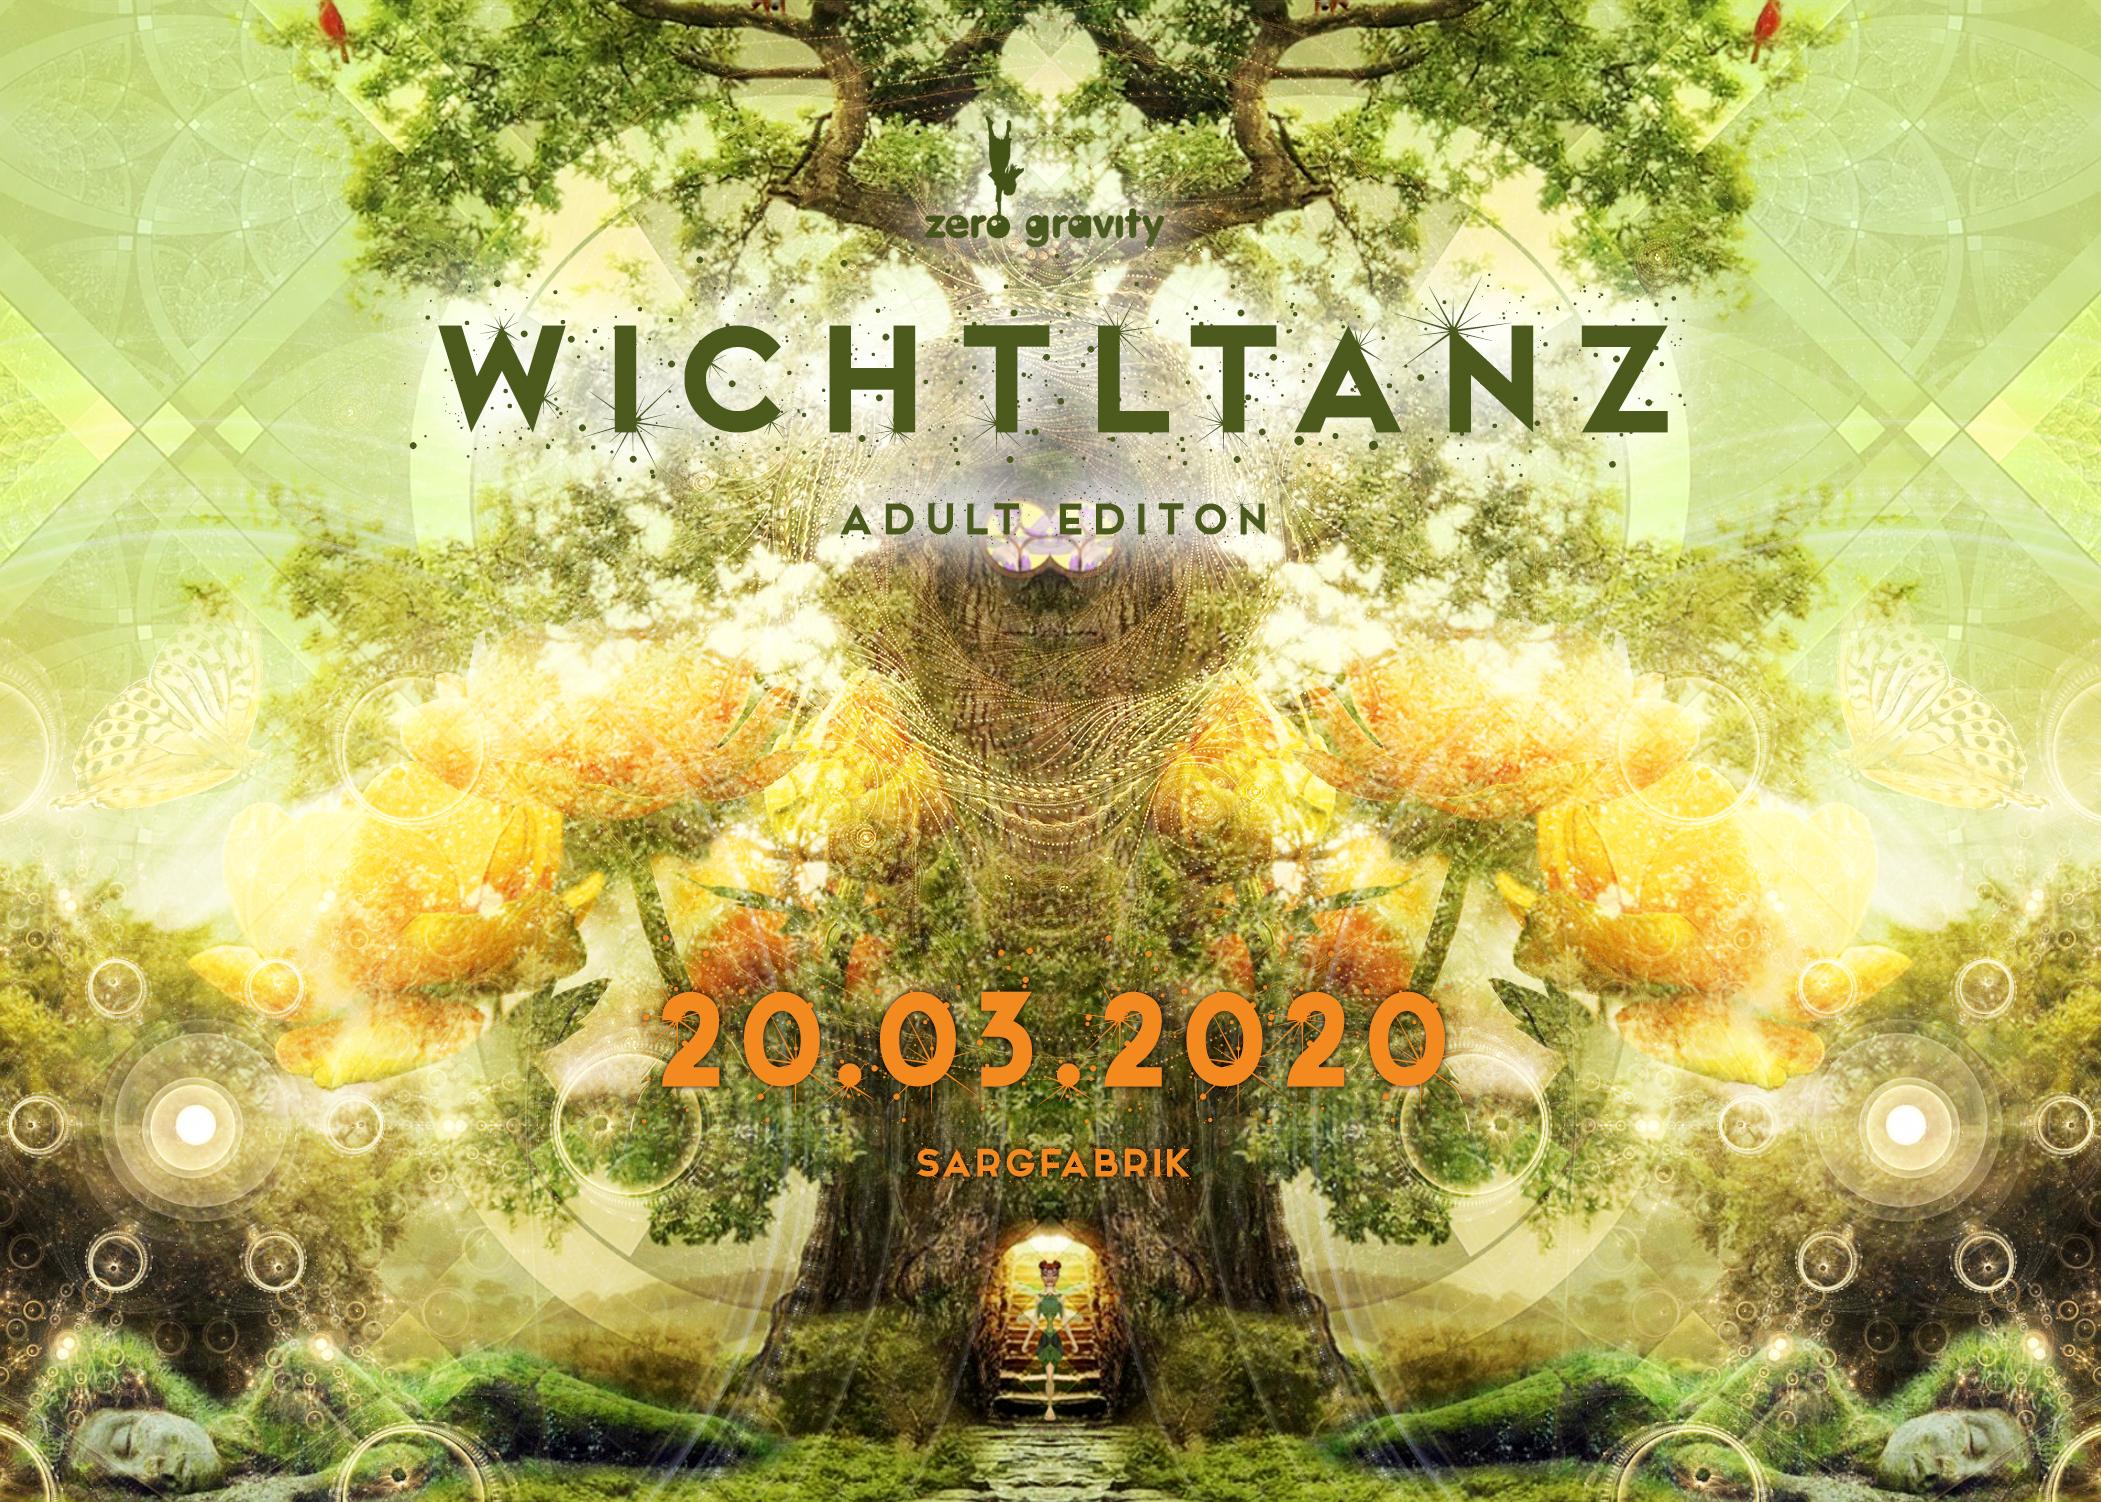 WICHTLTANZ (adult edition) am 20. March 2020 @ Sargfabrik.